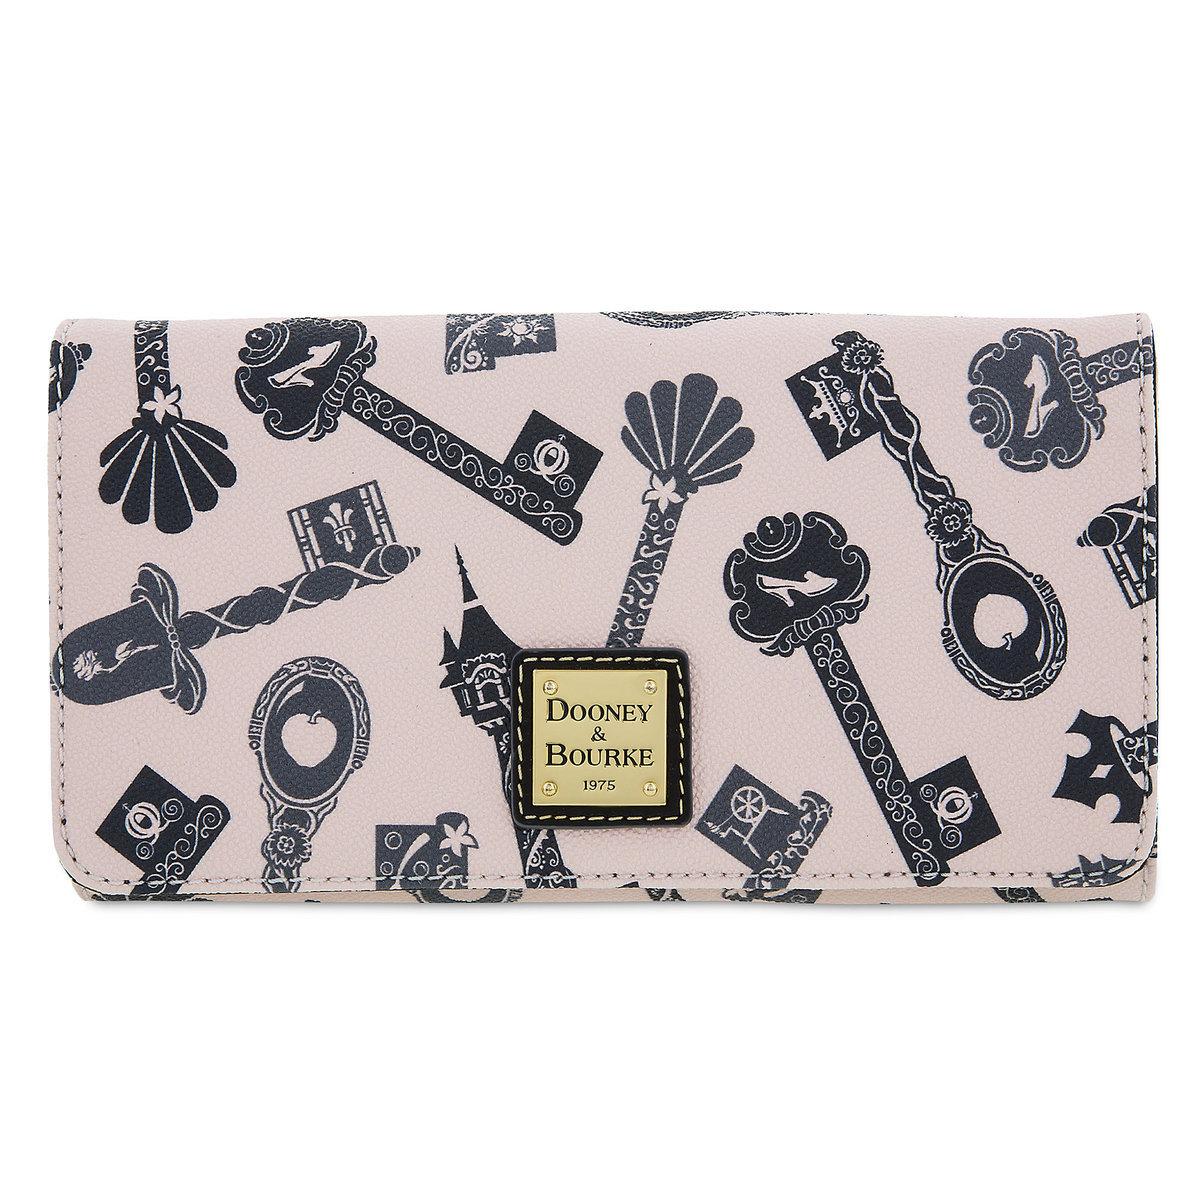 ディズニー 財布 プリンセス キー クロスボディ ウォレット 鍵 クリスマス プレゼント 誕生日 ギフト 贈り物 さいふ